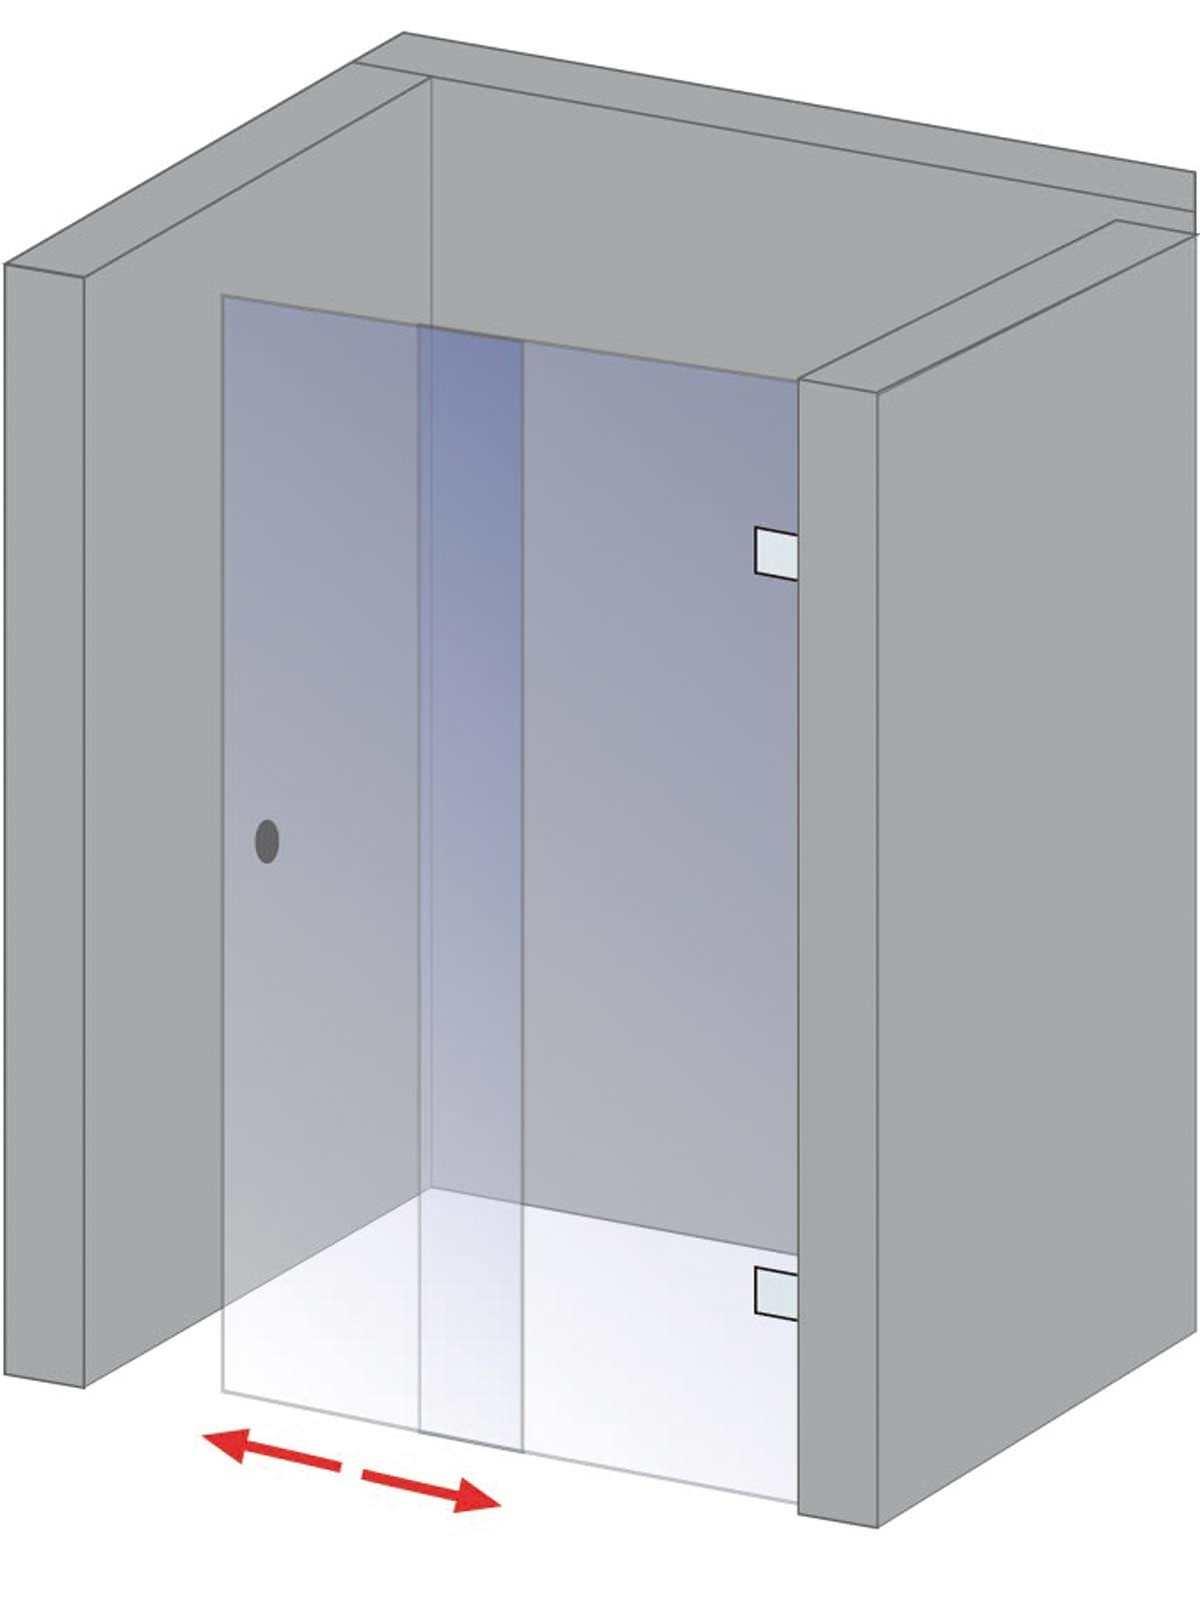 schulte davita gleitt r 2 teilig f r nische echtglas inkl aufma und montage d48010. Black Bedroom Furniture Sets. Home Design Ideas